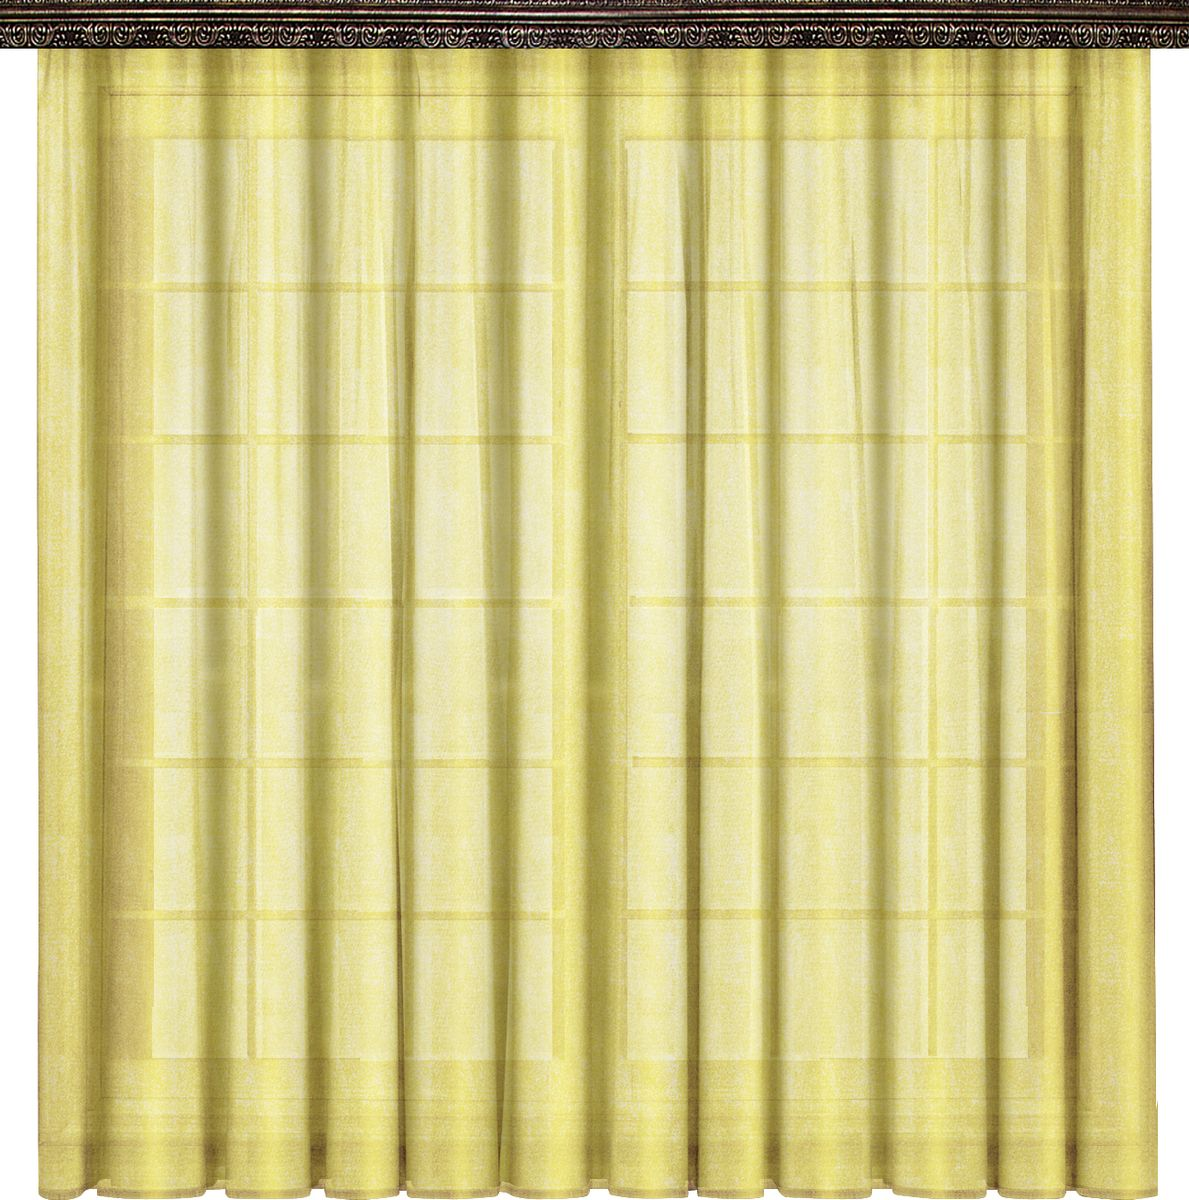 Тюль Zlata Korunka, на ленте, цвет: желтый, высота 270 см. 777026777026Тюль Zlata Korunka изготовлен из 100% полиэстера и великолепно украсит любое окно. Воздушная ткань органза и приятная цветовая гамма привлекут к себе внимание и органично впишутся в интерьер помещения. Полиэстер - вид ткани, состоящий из полиэфирных волокон. Ткани из полиэстера - легкие, прочные и износостойкие. Такие изделия не требуют специального ухода, не пылятся и почти не мнутся.Крепление к карнизу осуществляется с использованием тесьмы. Такой тюль идеально оформит интерьер любого помещения.